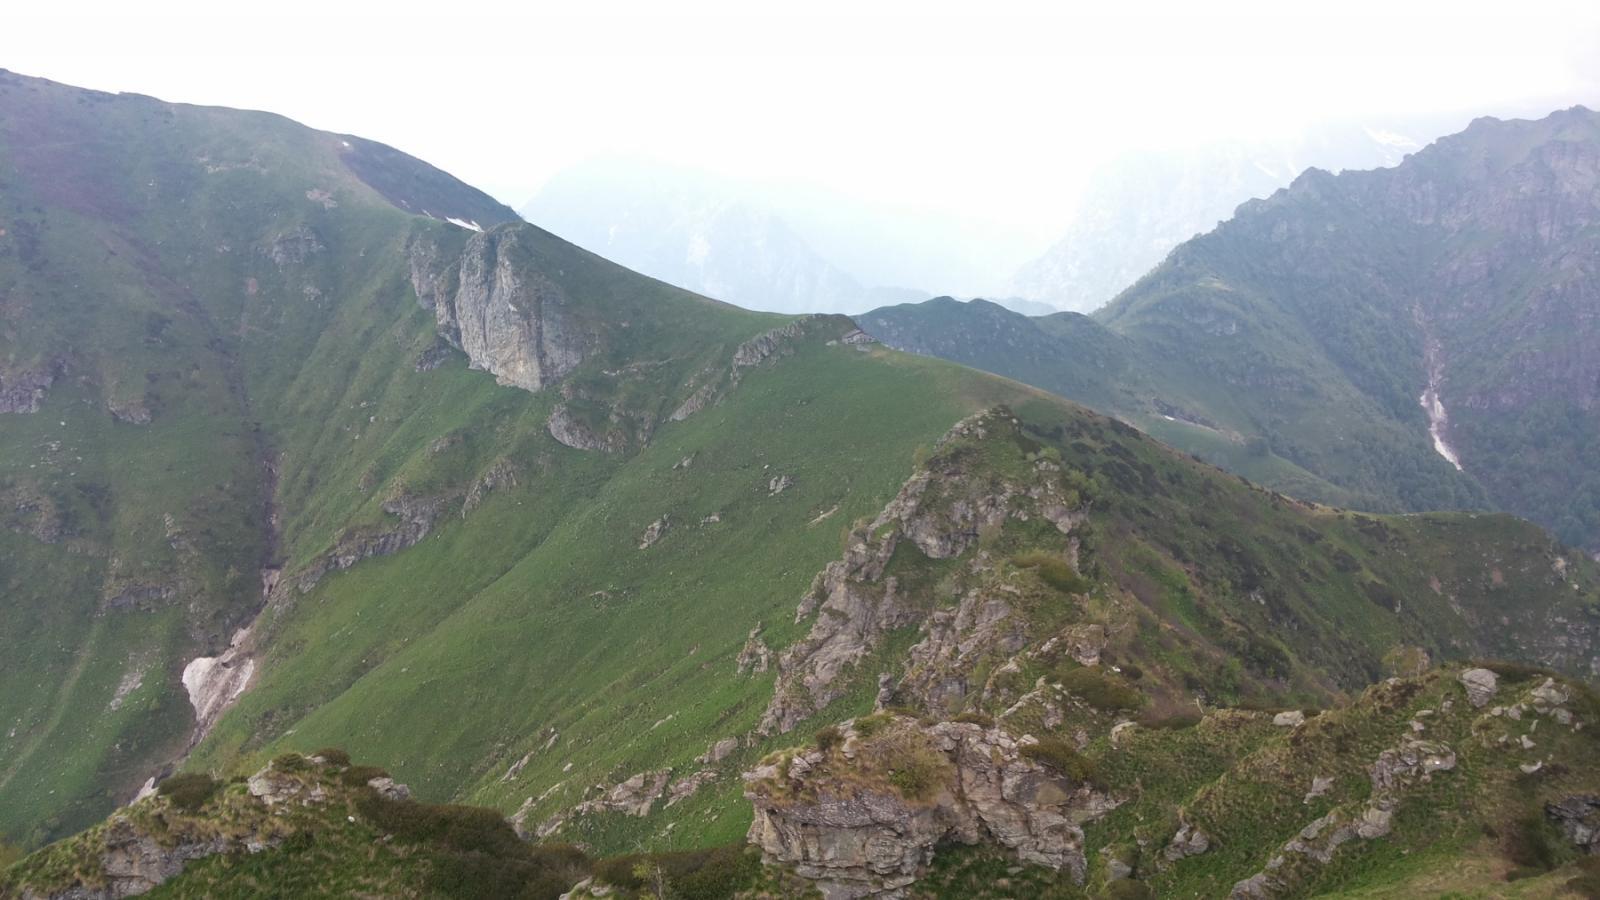 la cresta occidentale, le Balme, le Cime Voccani e delle Balme...ma oggi niente panorama del Rosa